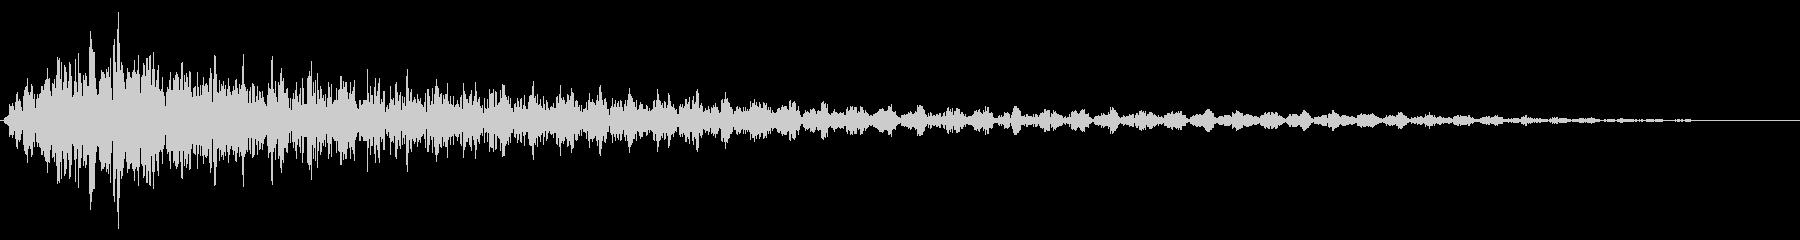 ホラー系アタック音52の未再生の波形